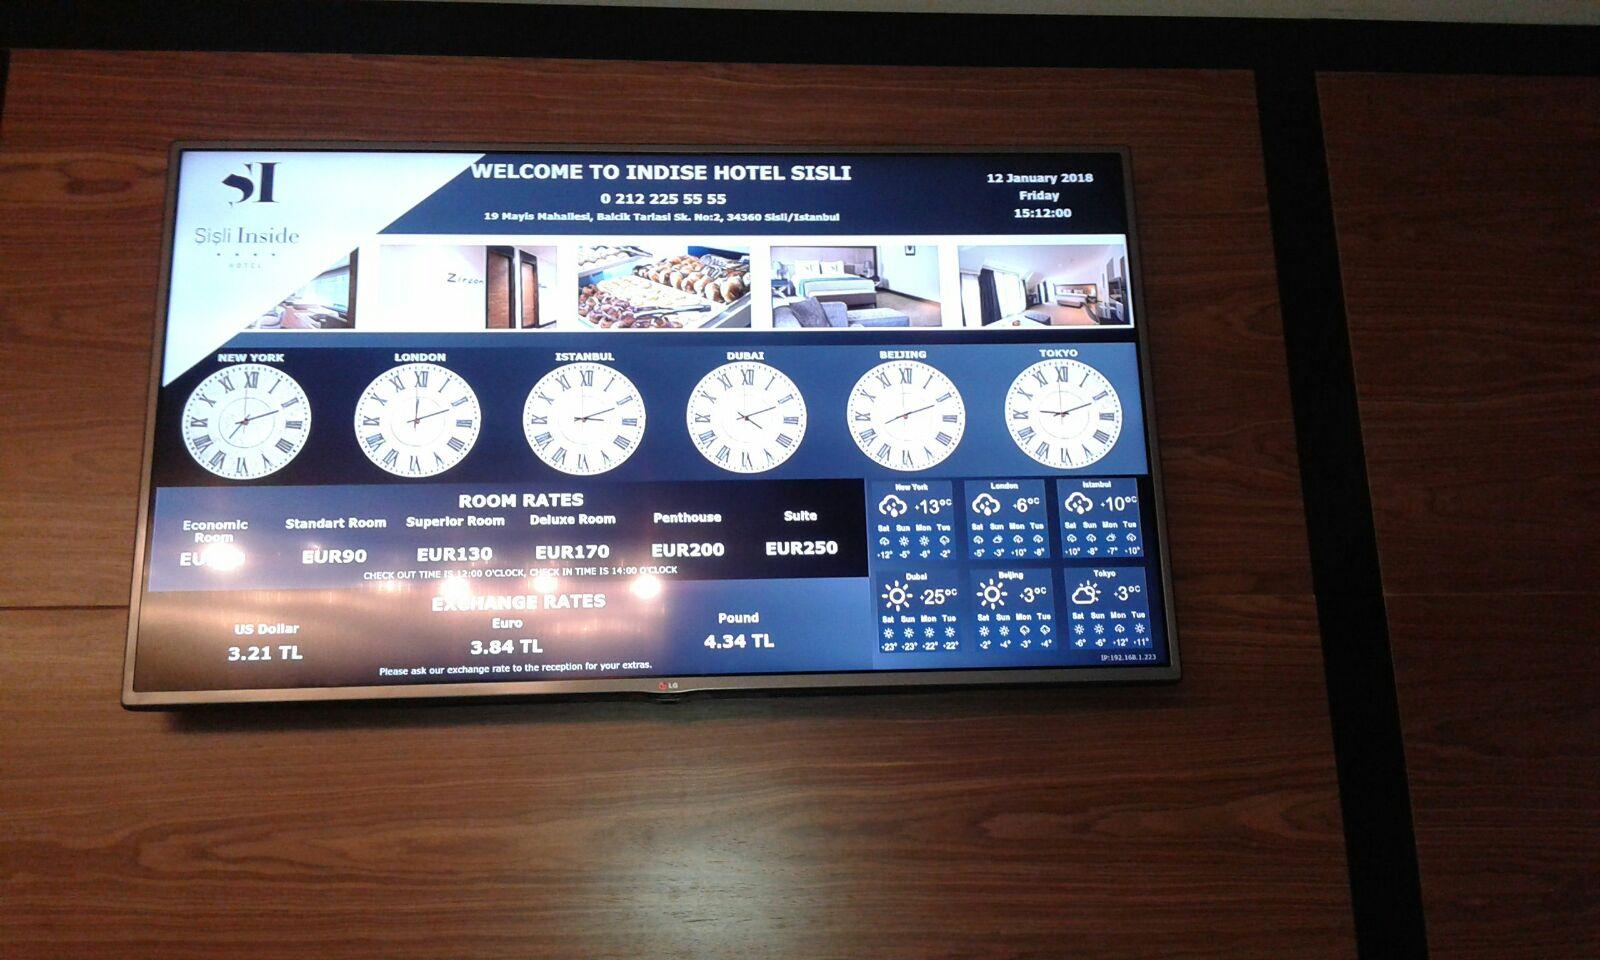 hotel saati, hotel döviz kuru tabelası, hotel hava durumu ekranı, hotel oda fiyat tabelası